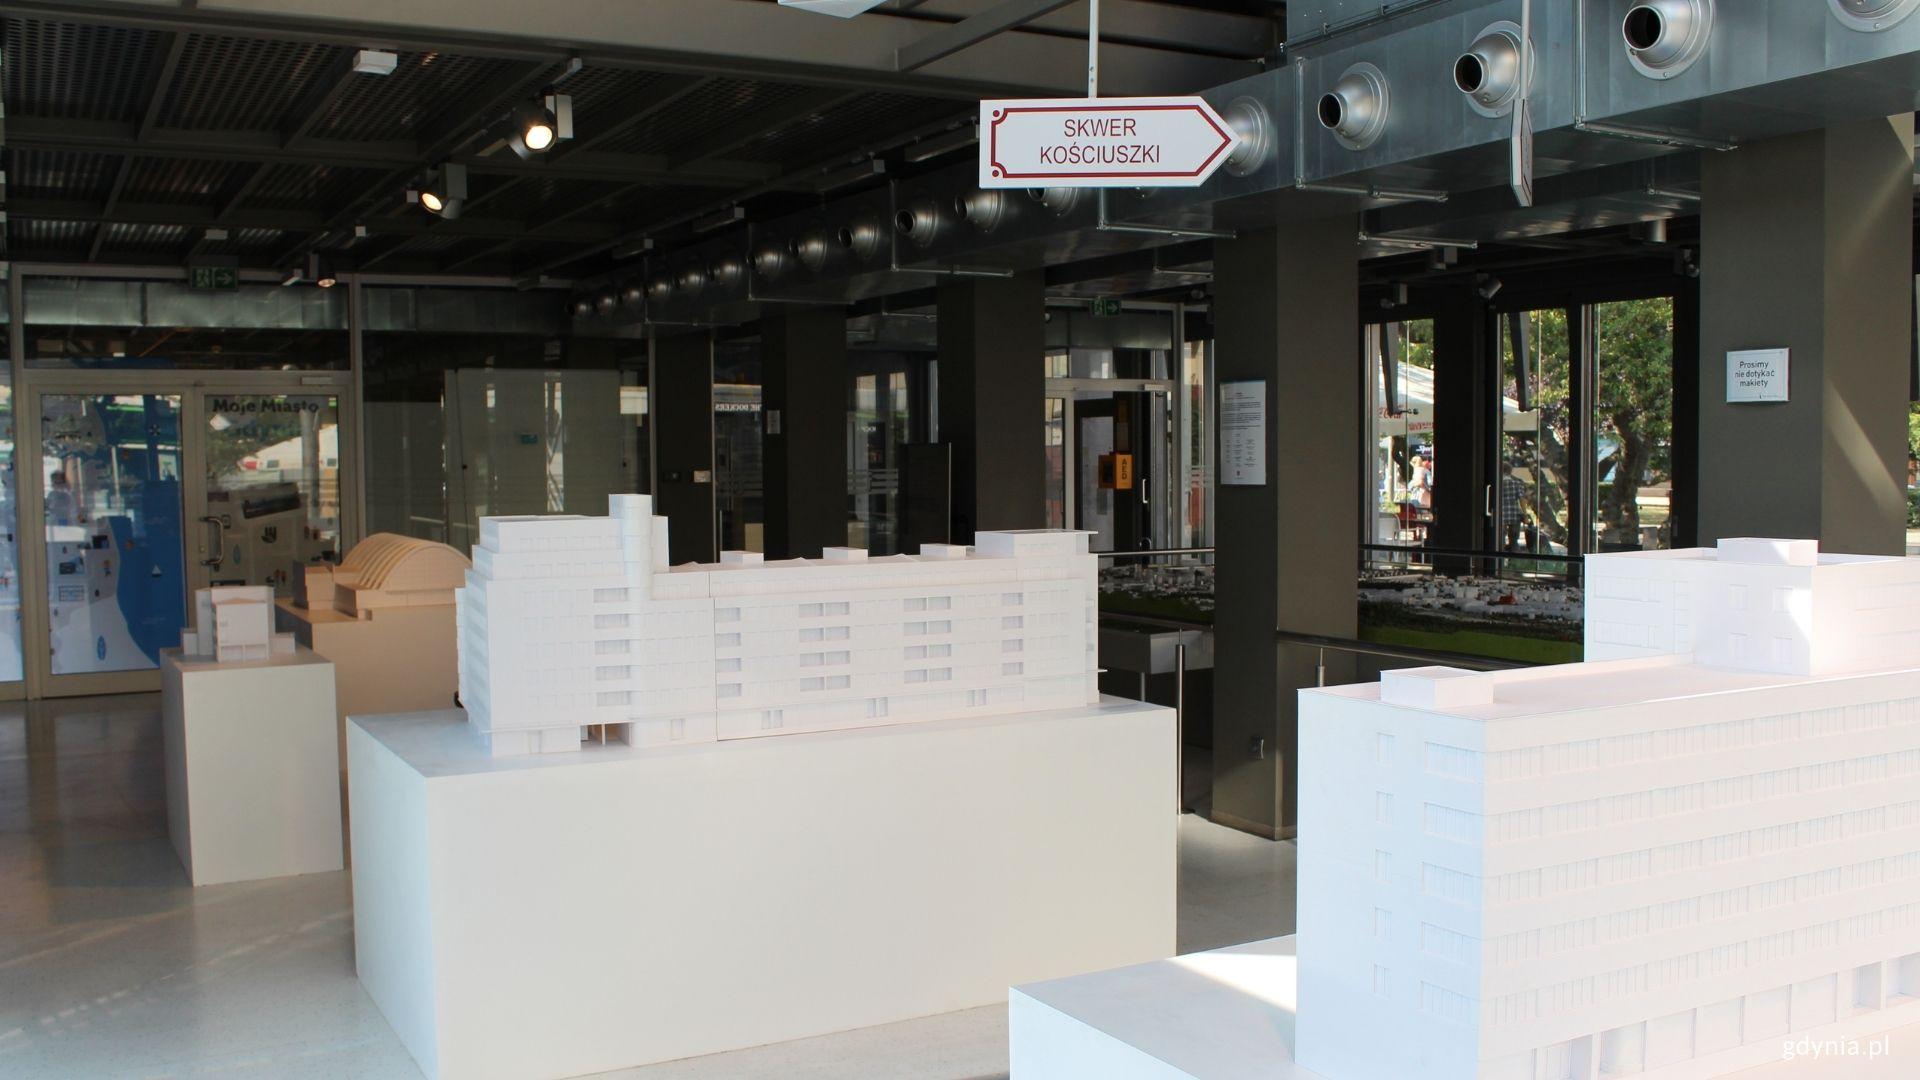 Wystawa modernizmu w InfoBoksie, fot. Magdalena Śliżewska